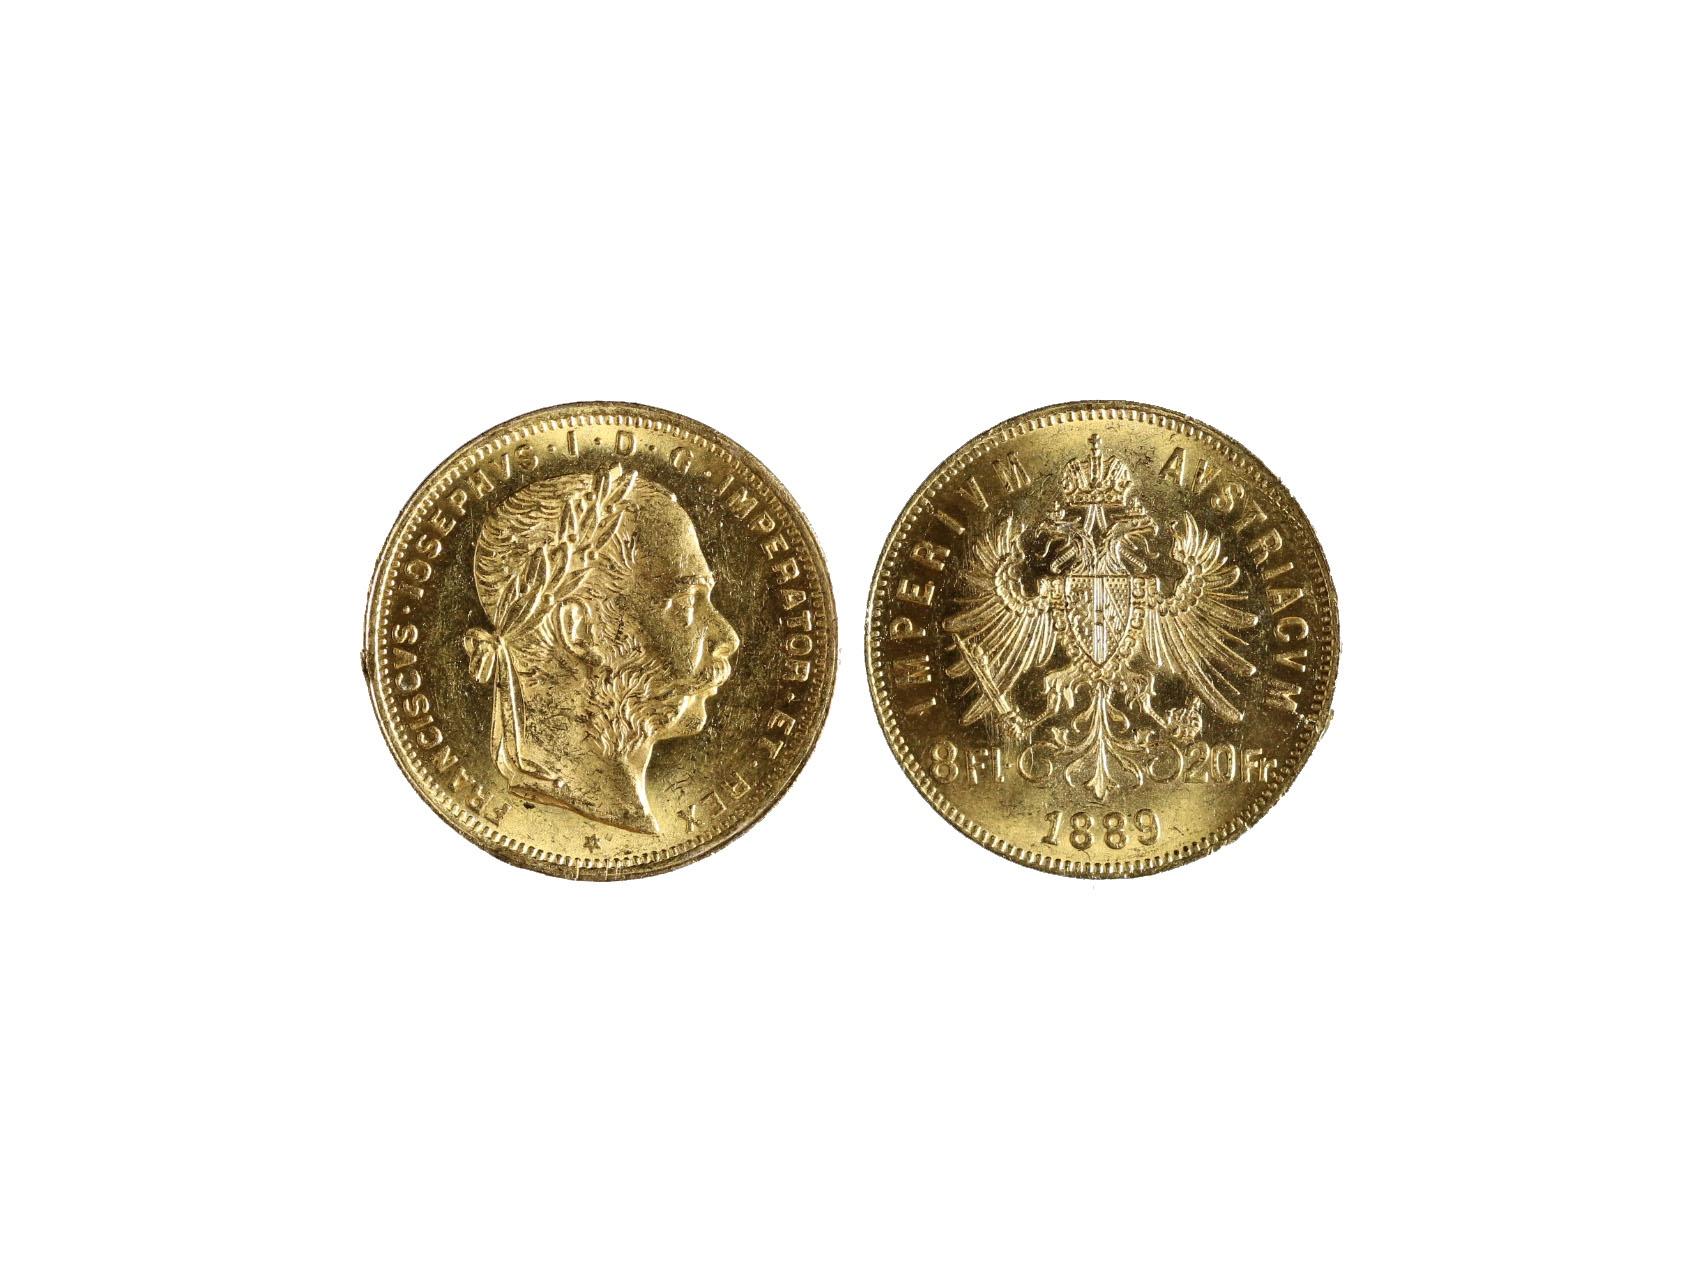 František Josef I. 1848-1916 - 8 Zlatník 1889, N126